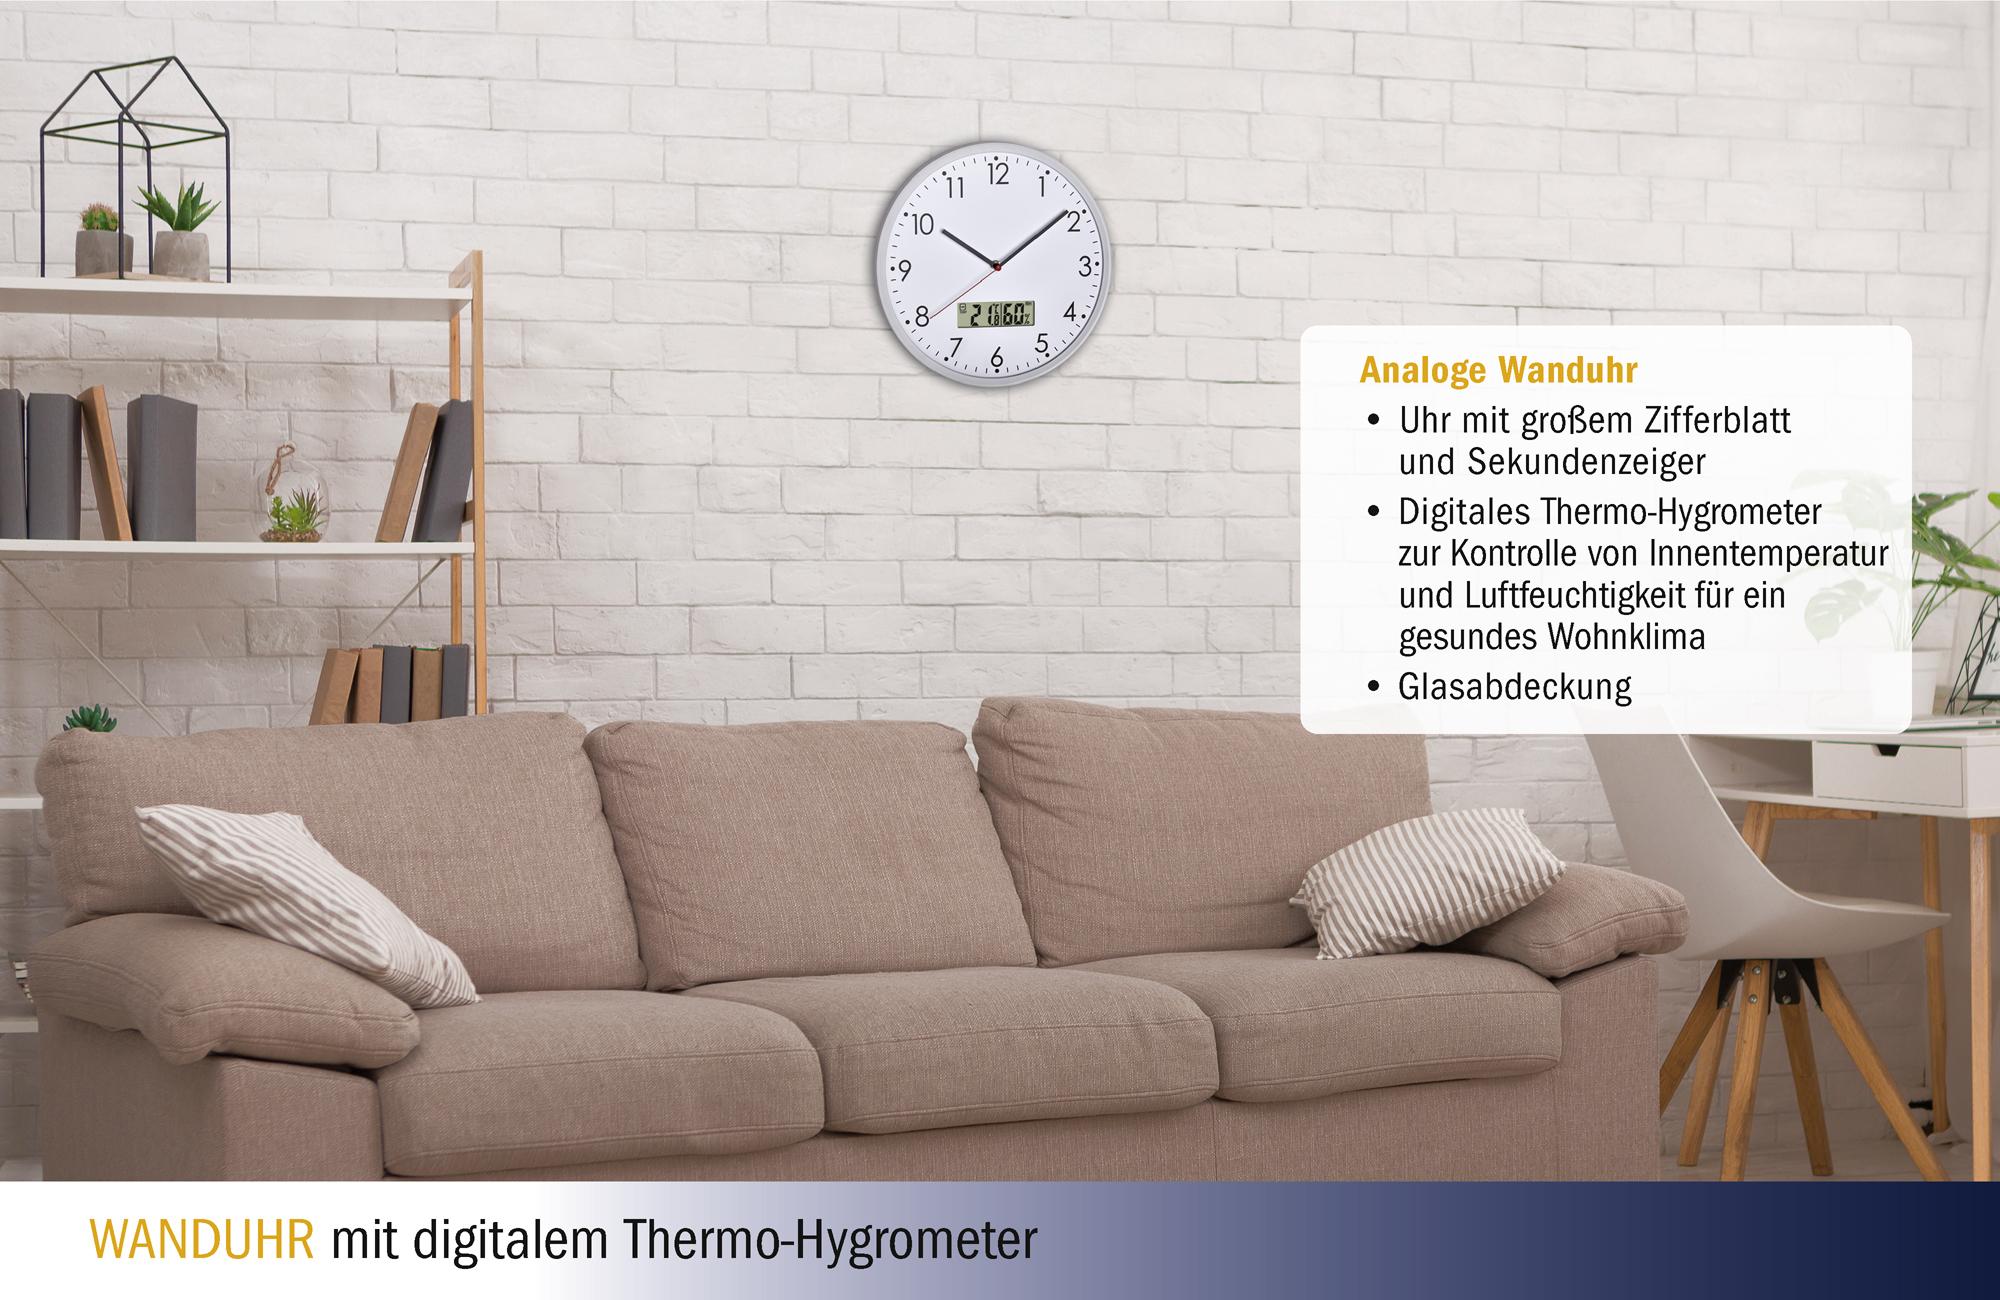 Wanduhr_Thermo-Hygrometer_60304802_Vorteile.jpg